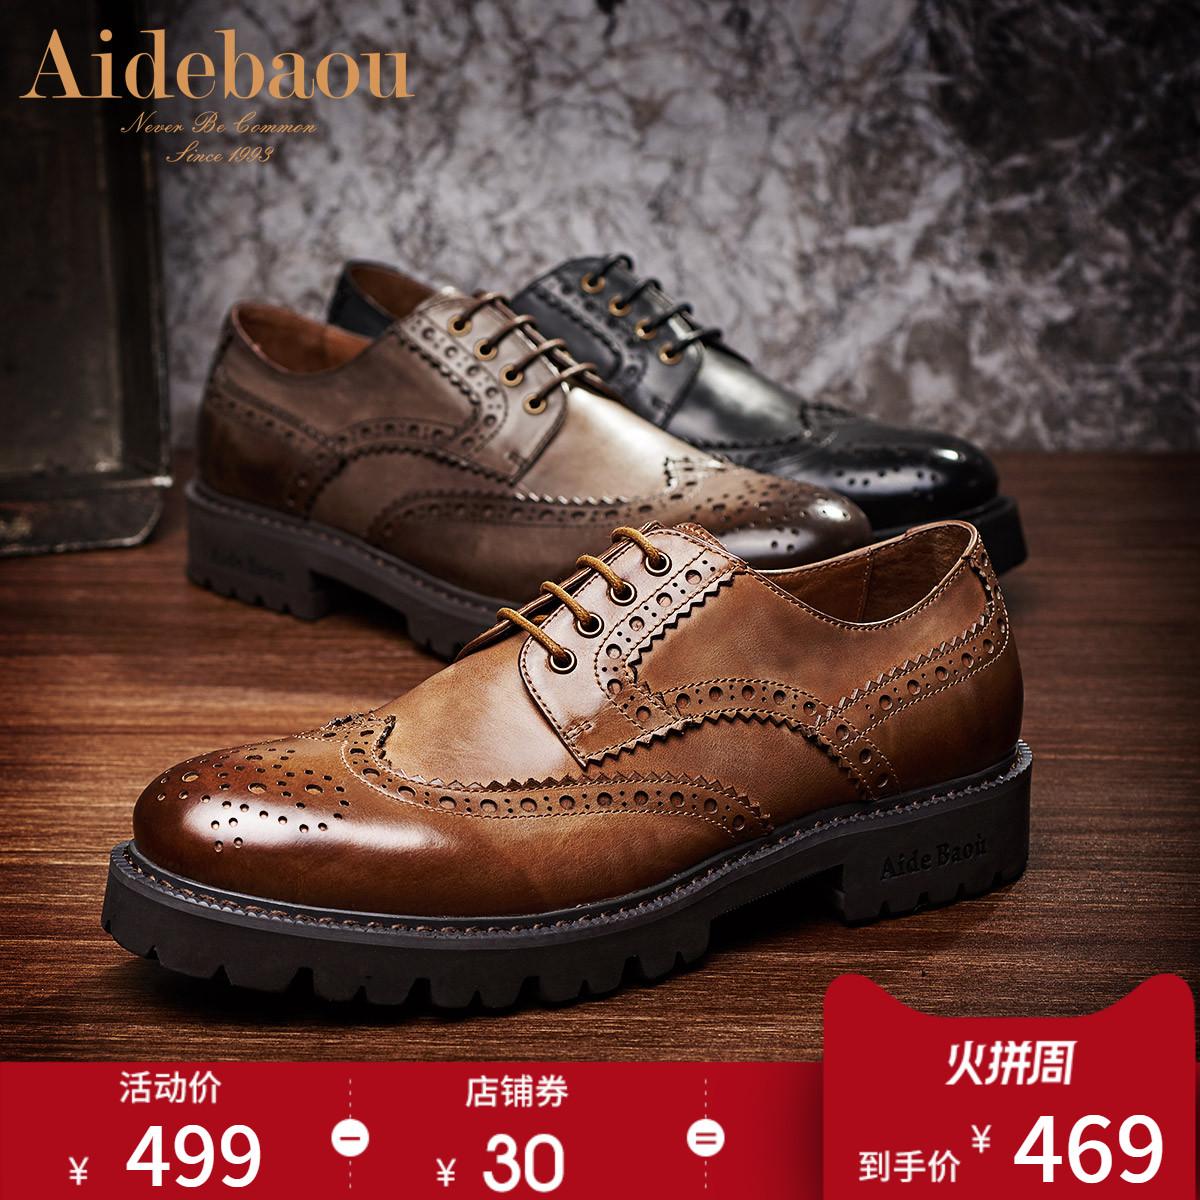 爱得堡布洛克皮鞋男雕花皮鞋工装鞋复古休闲皮鞋英伦韩版厚底男子